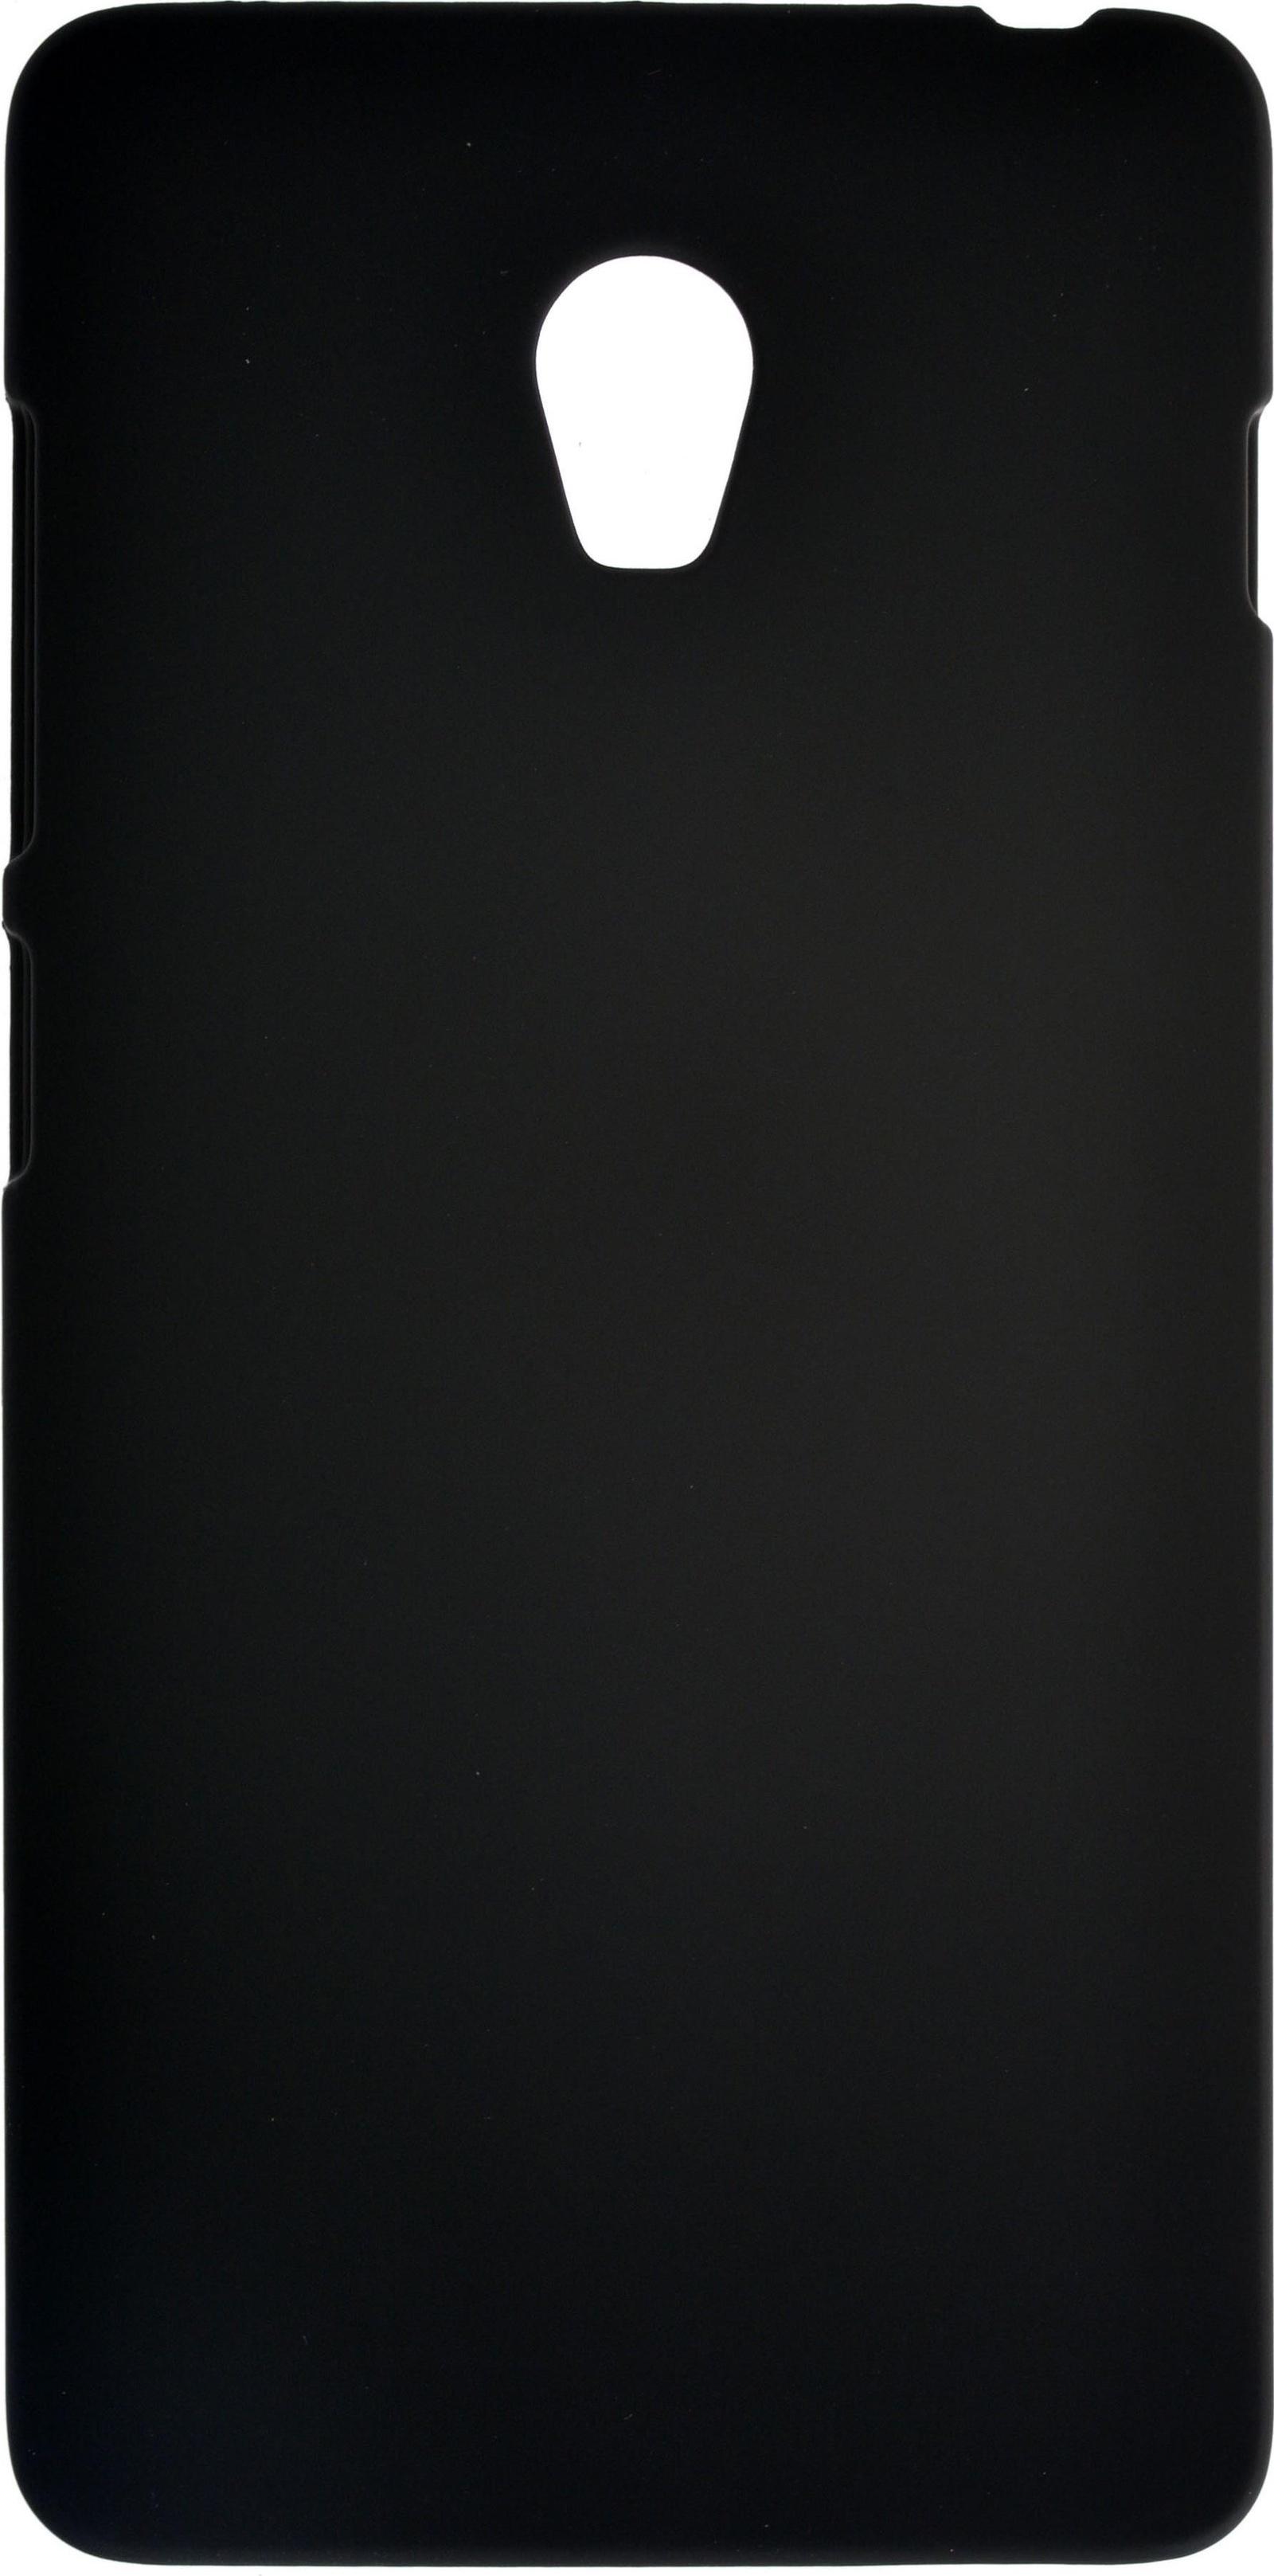 цена на Чехол для сотового телефона skinBOX 4People, 4630042527607, черный